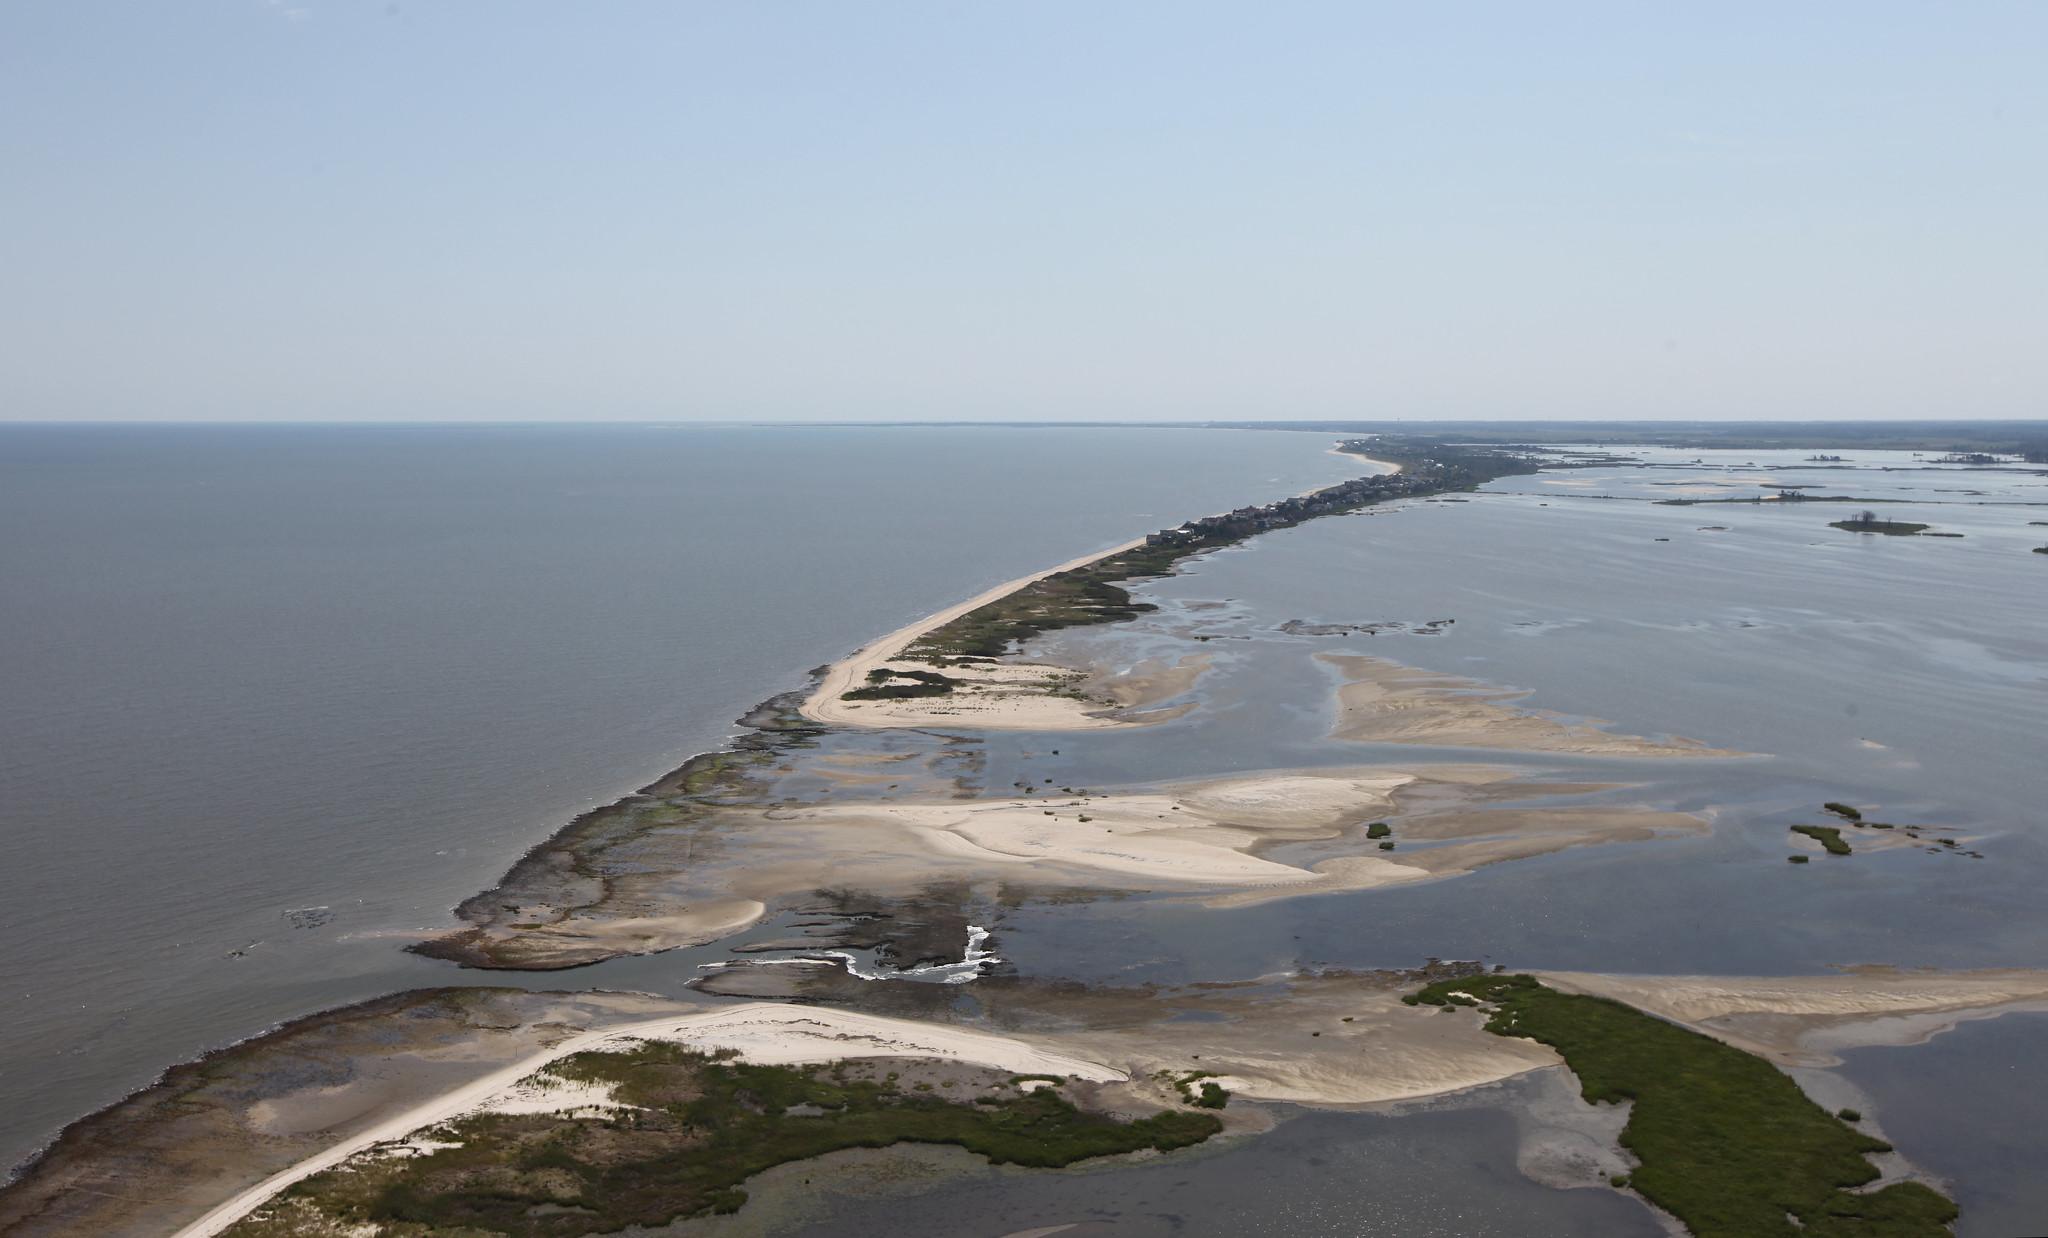 Breach at Prime Hook National Wildlife Refuge (DE) after Hurricane Sandy